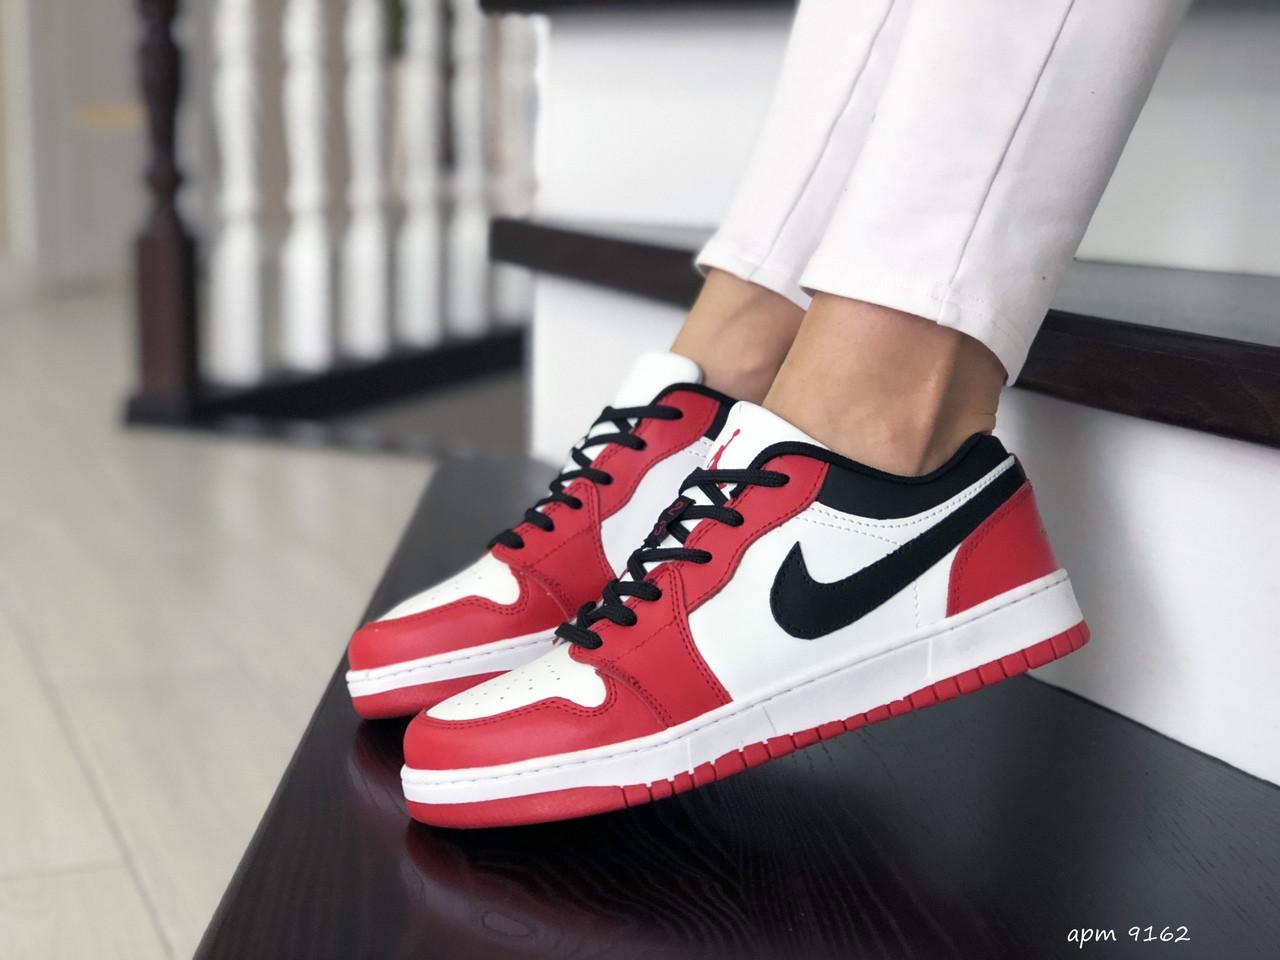 Жіночі шкіряні кросівки Nike Air Jordan 1 Low (біло-червоні) 9162